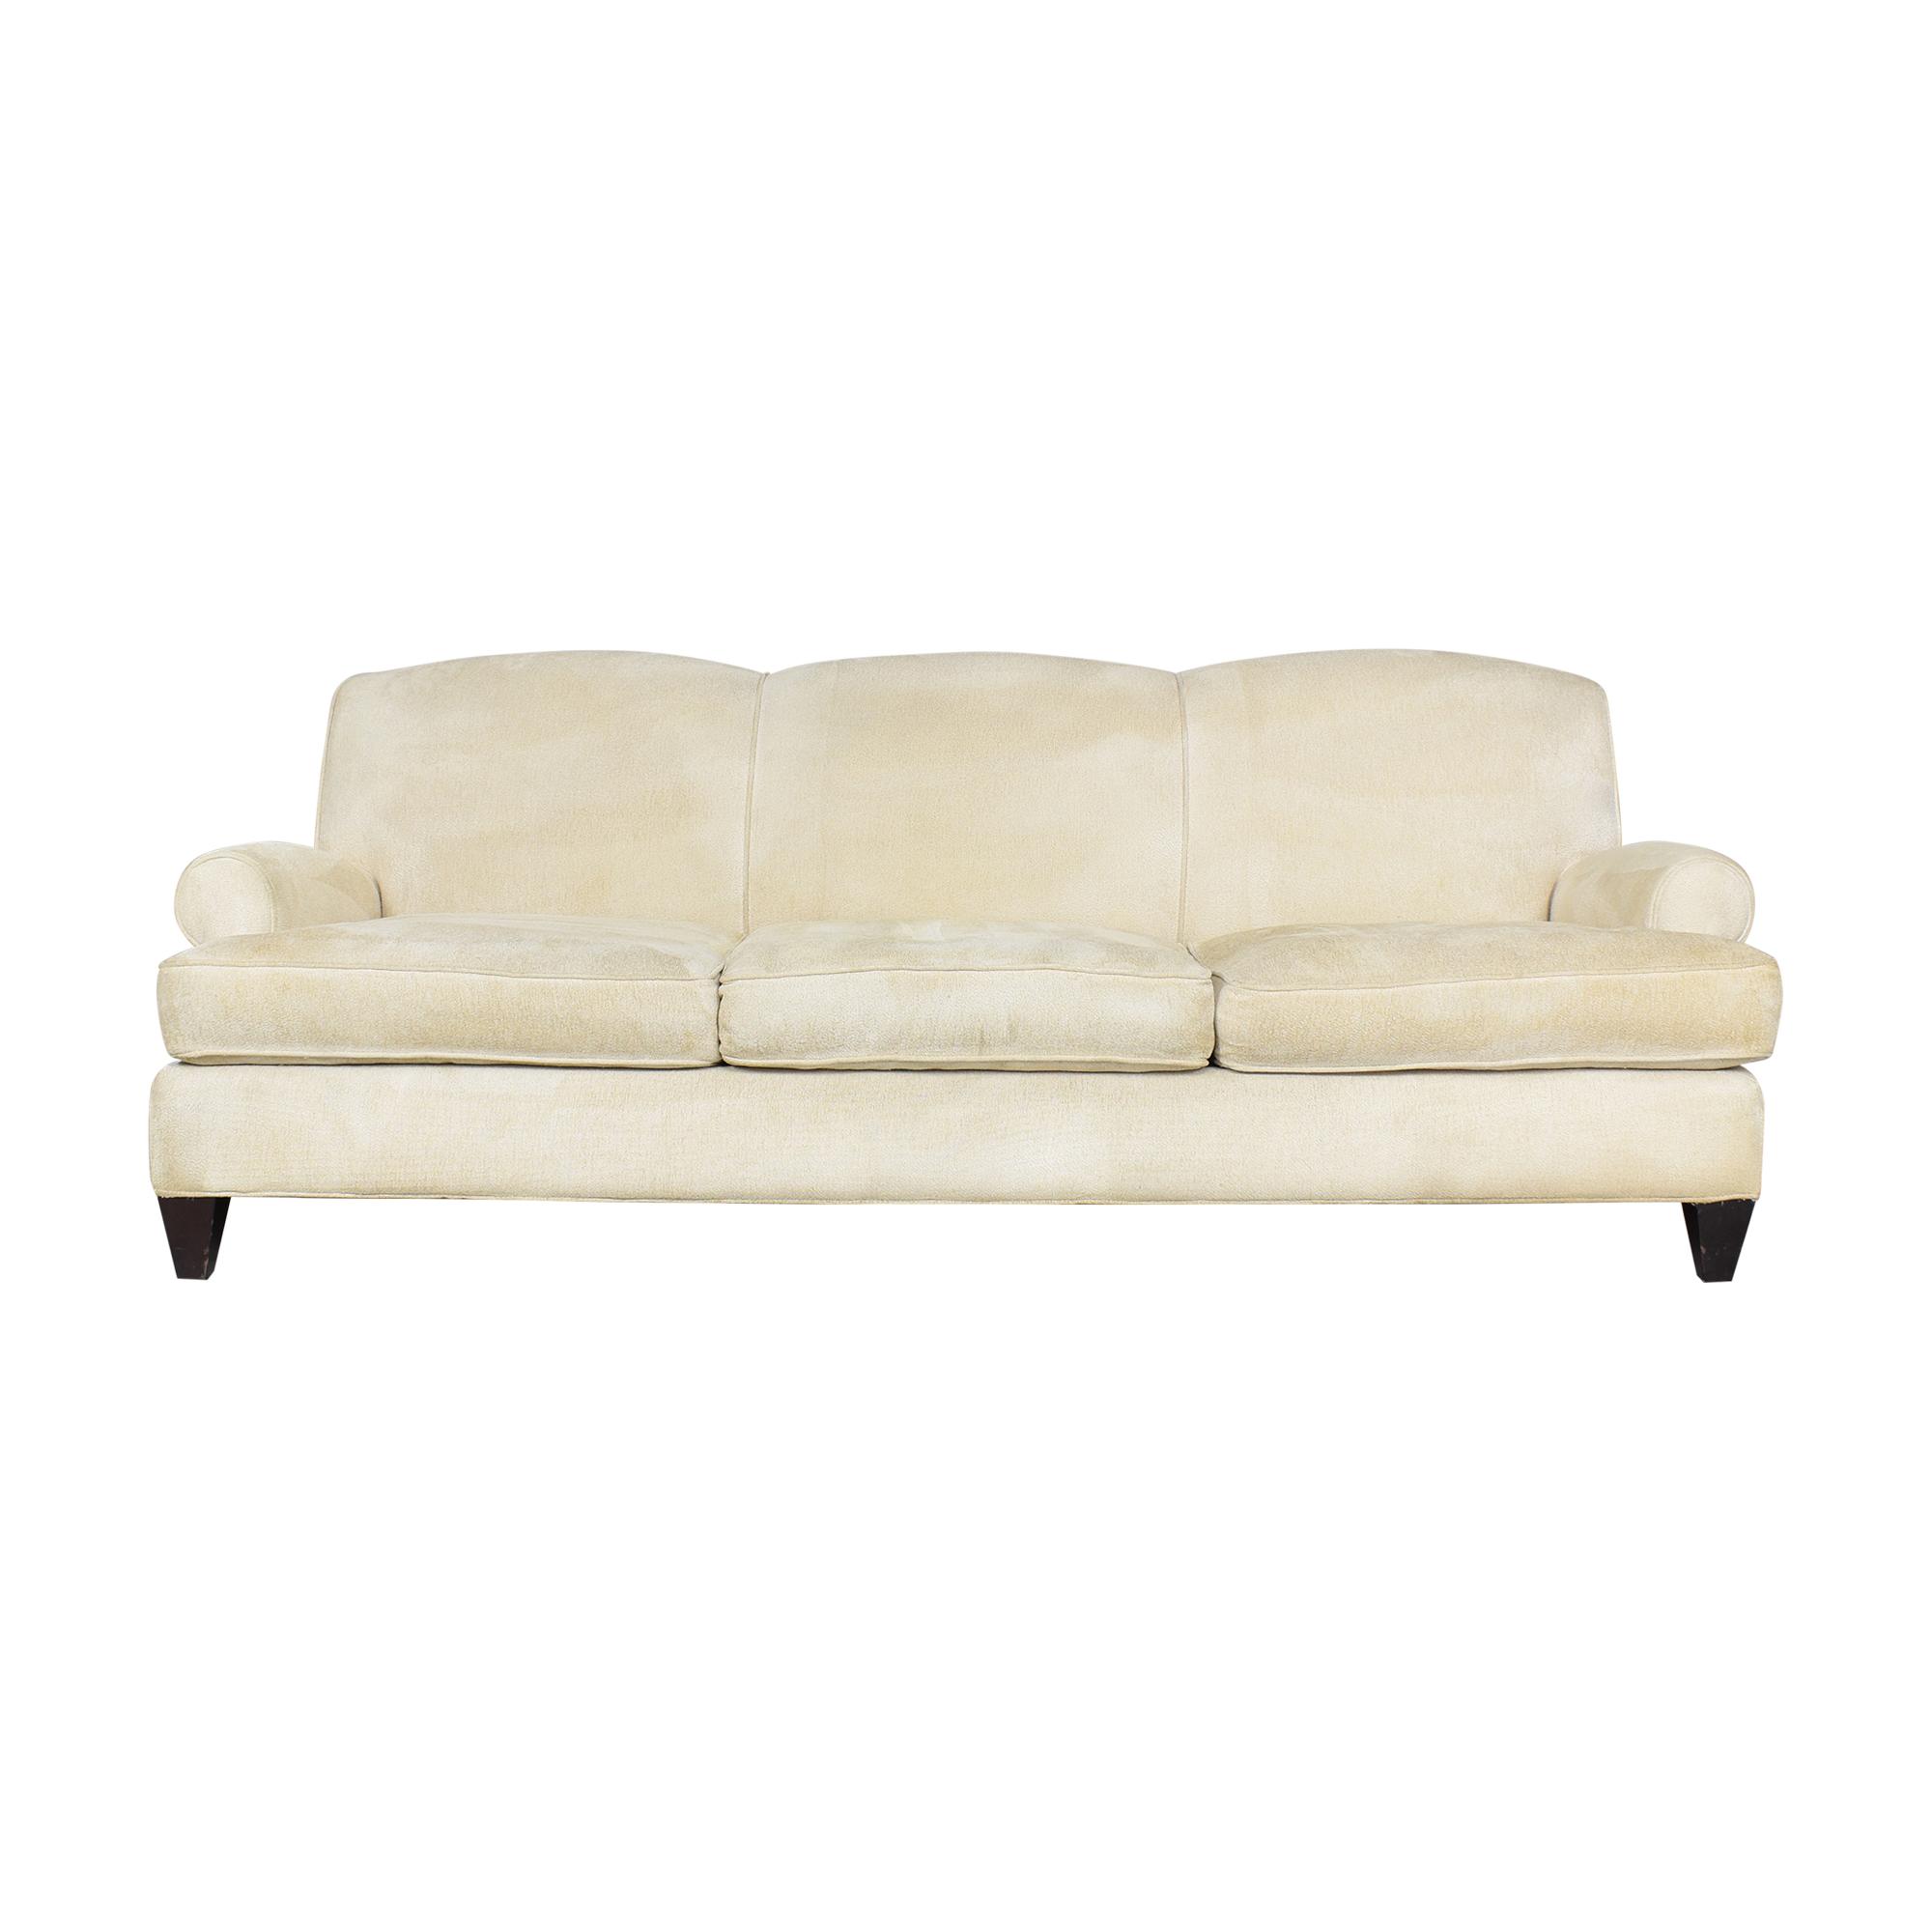 Room & Board Room & Board Roll Arm Sofa nyc